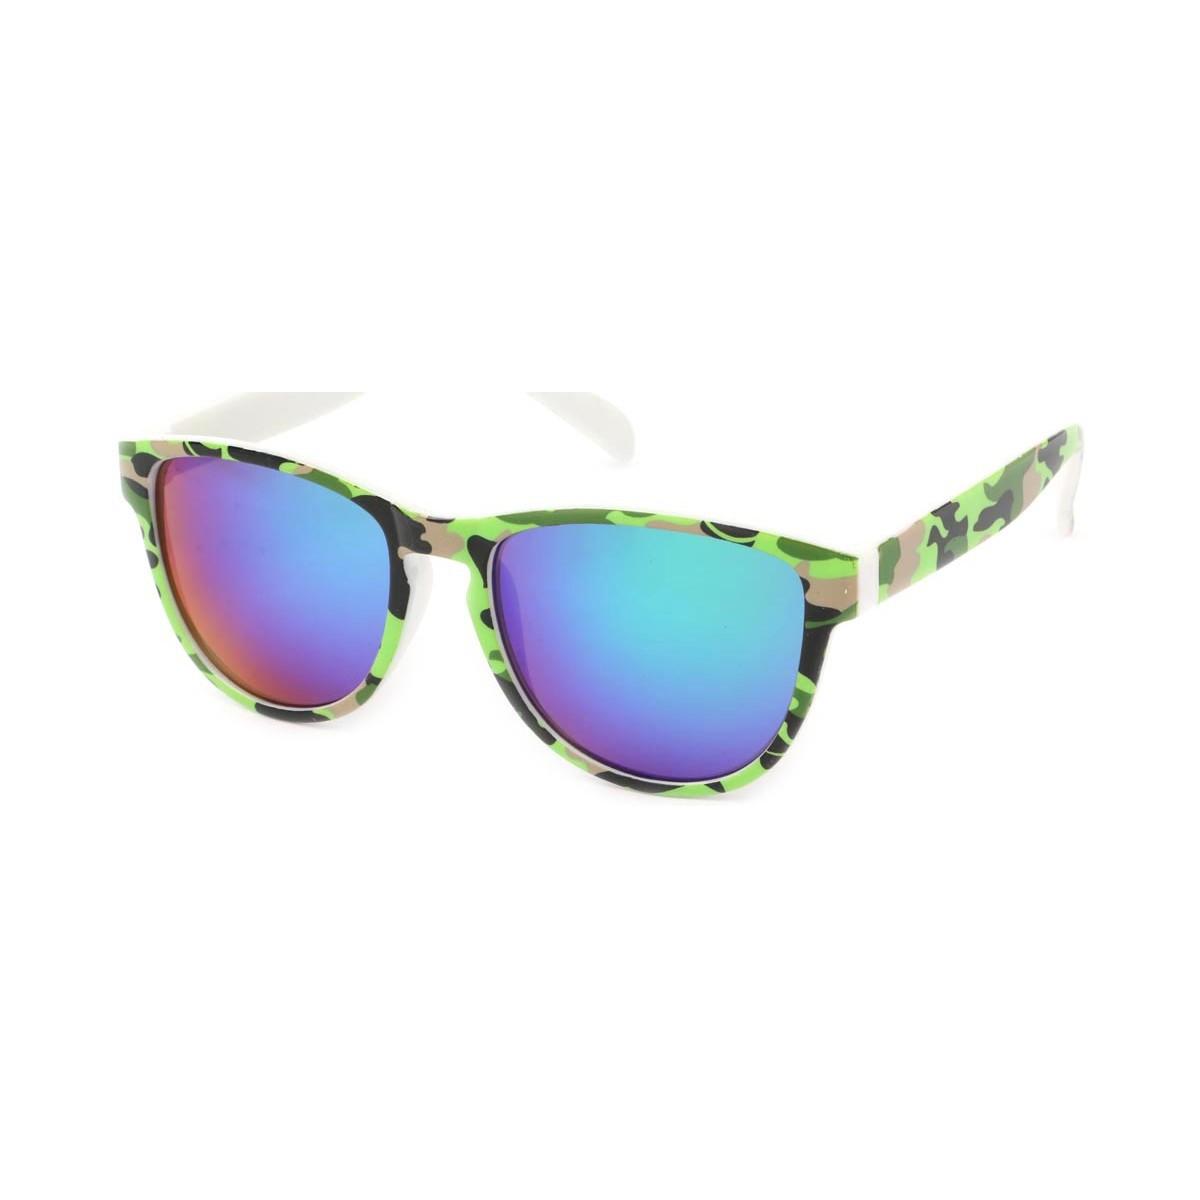 Eye Wear Lunettes Soleil Fool Love monture Camouflage vert clair Vert